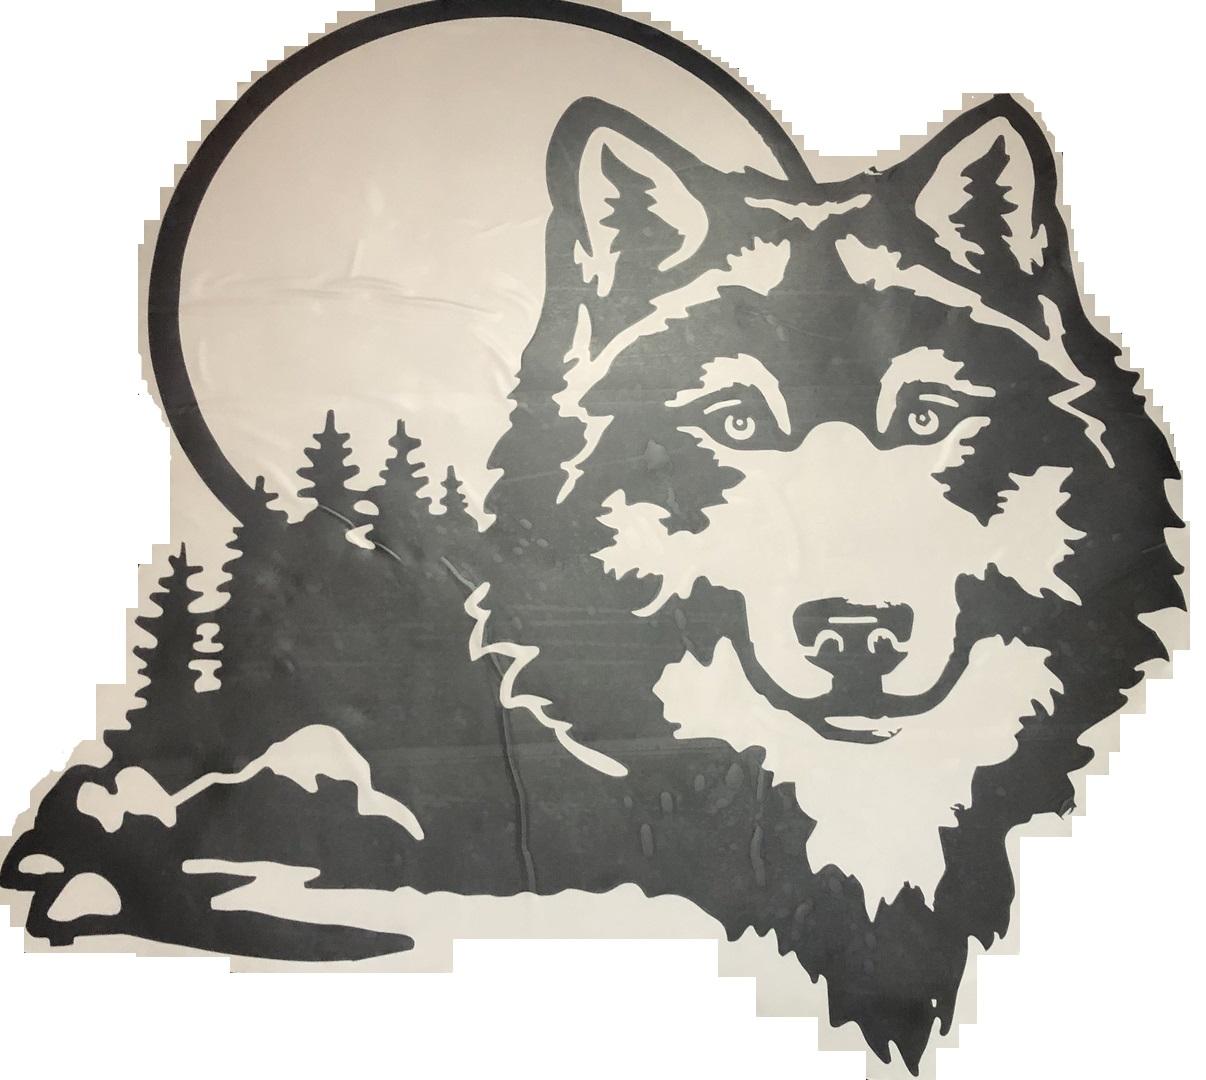 Наклейка на автомобиль - «Волк» Наклейка на автомобиль. Размер 80х80 см наклейка на авто, автомобиль, наклейки, животные, волки, пано, супер наклейка, дешево, наклейка на капот - Цена, Стоимость - 1500 руб.(доставка по всей России)